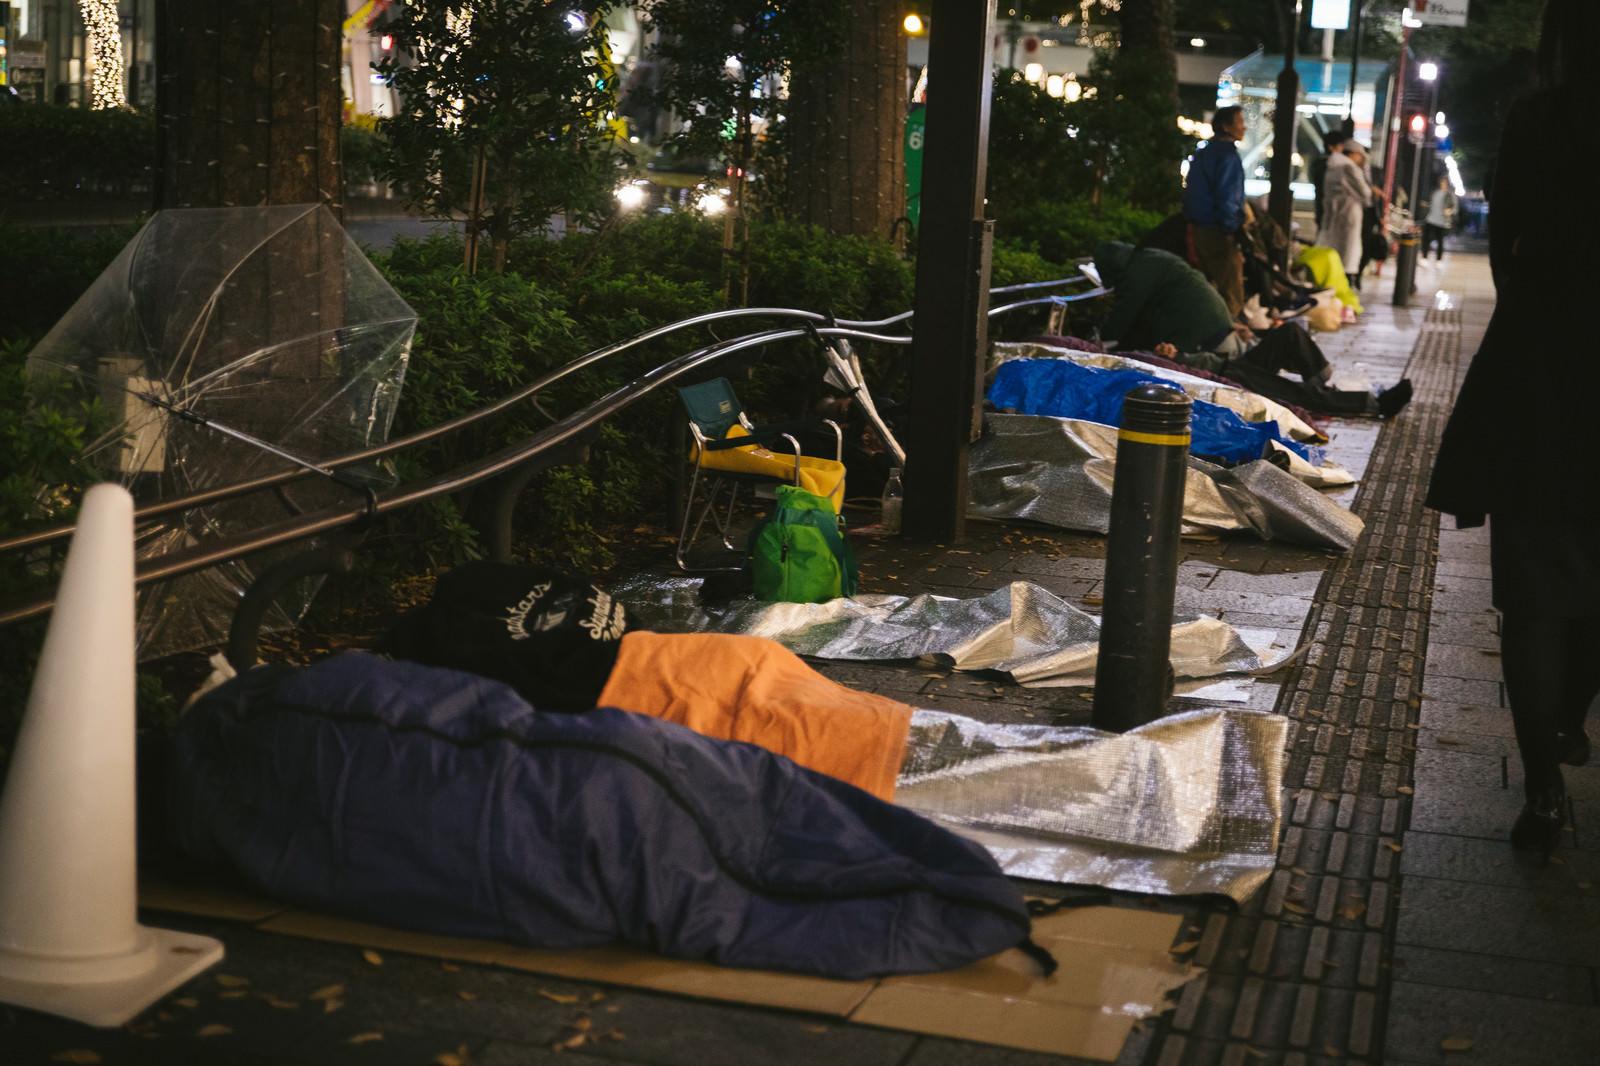 「徹夜行列の寝袋組」の写真